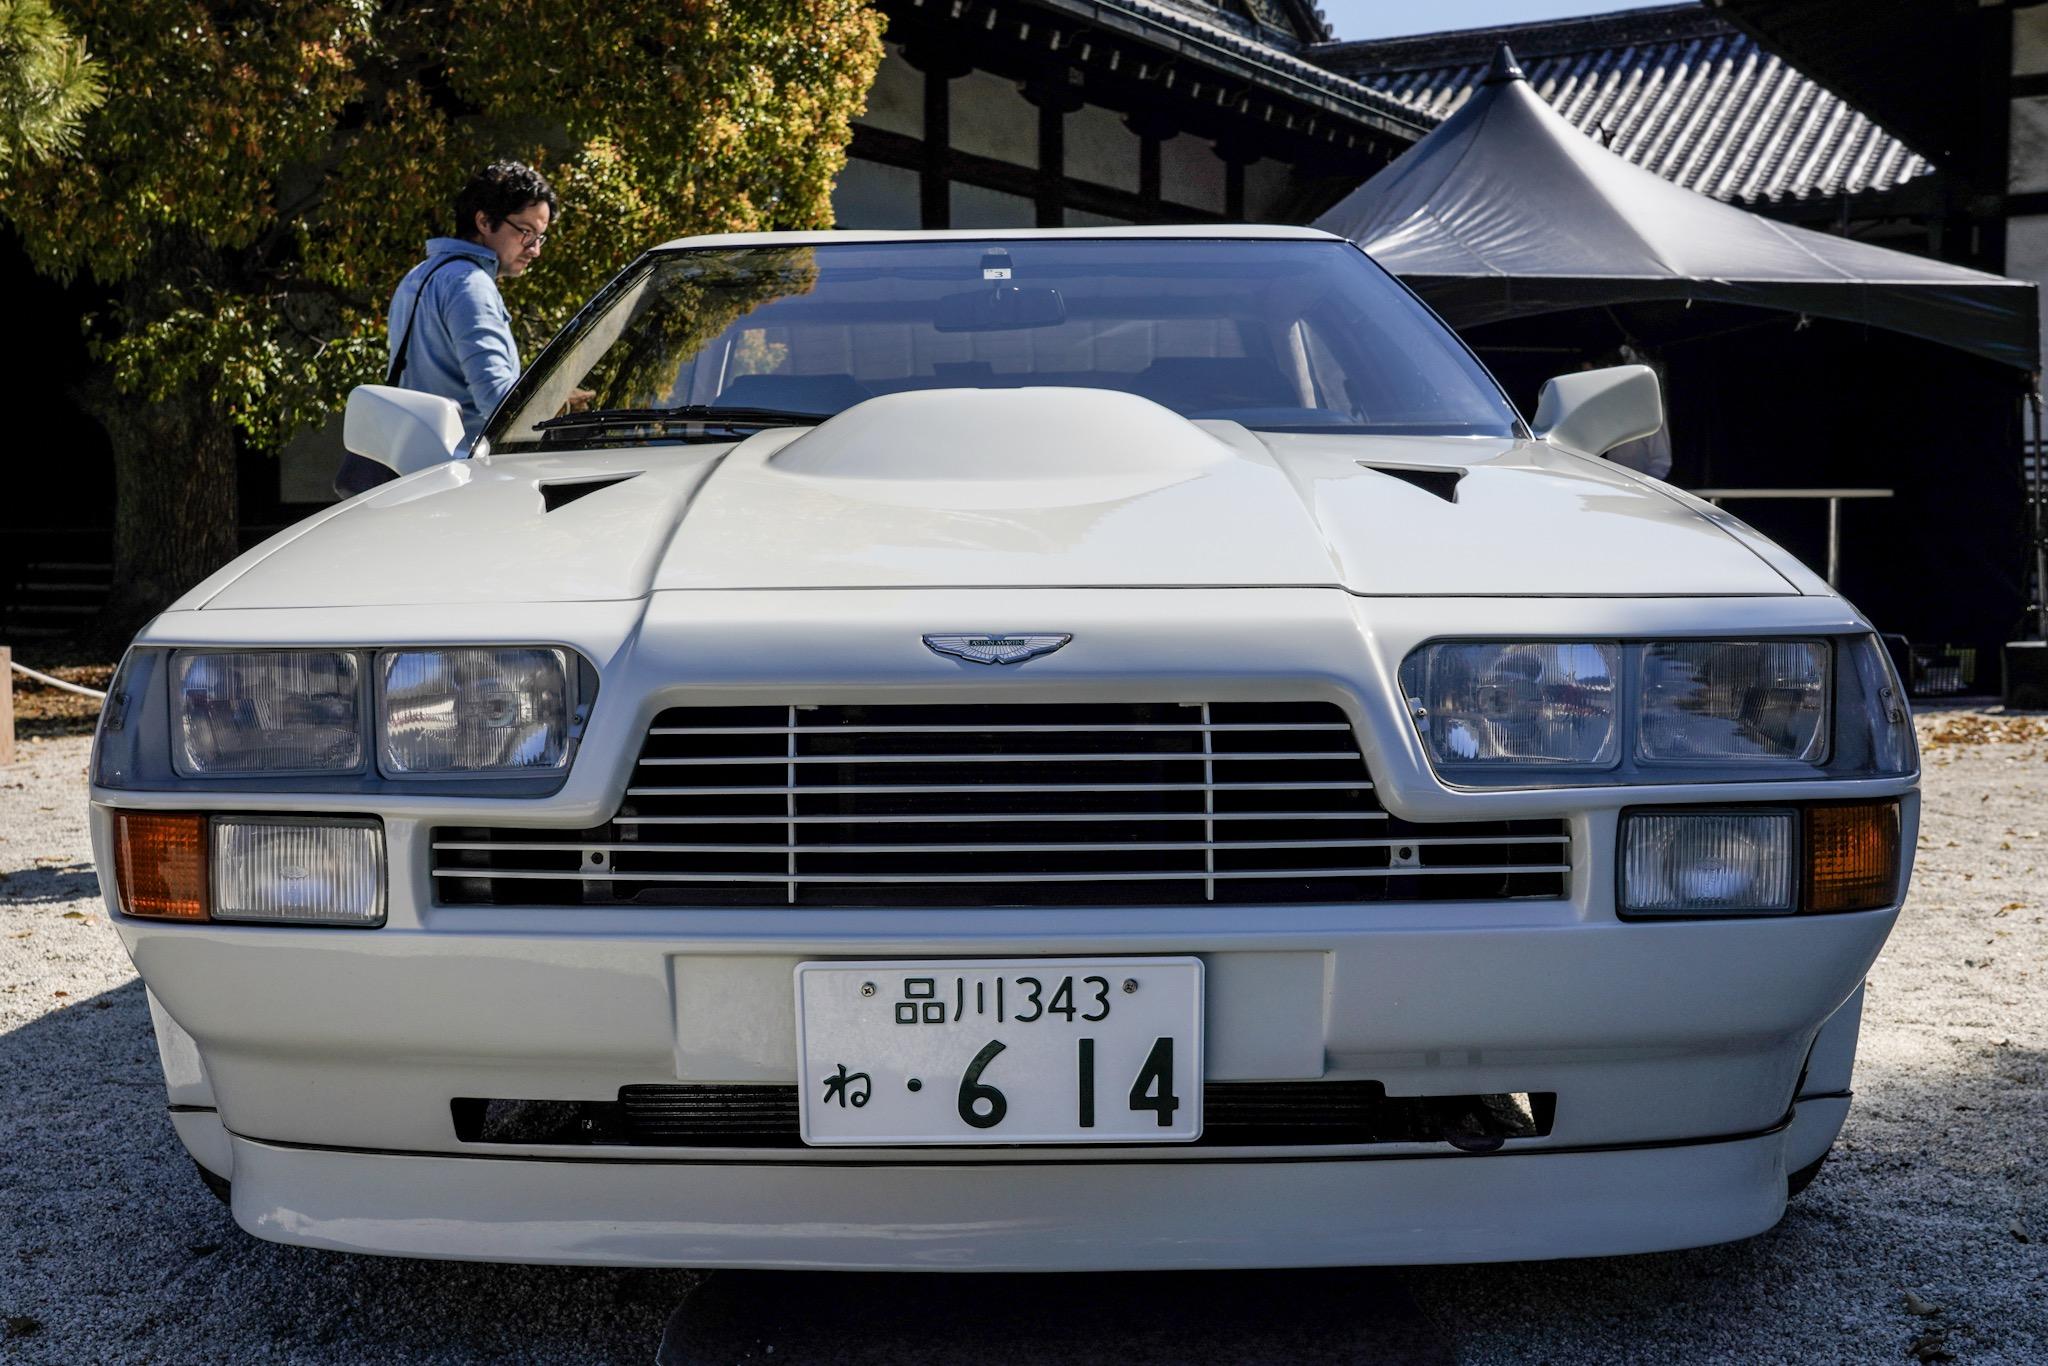 アストンマーティン V8 ヴァンテージ ザガート 外装 フロント コンコルソ・デレガンツァ・京都2019